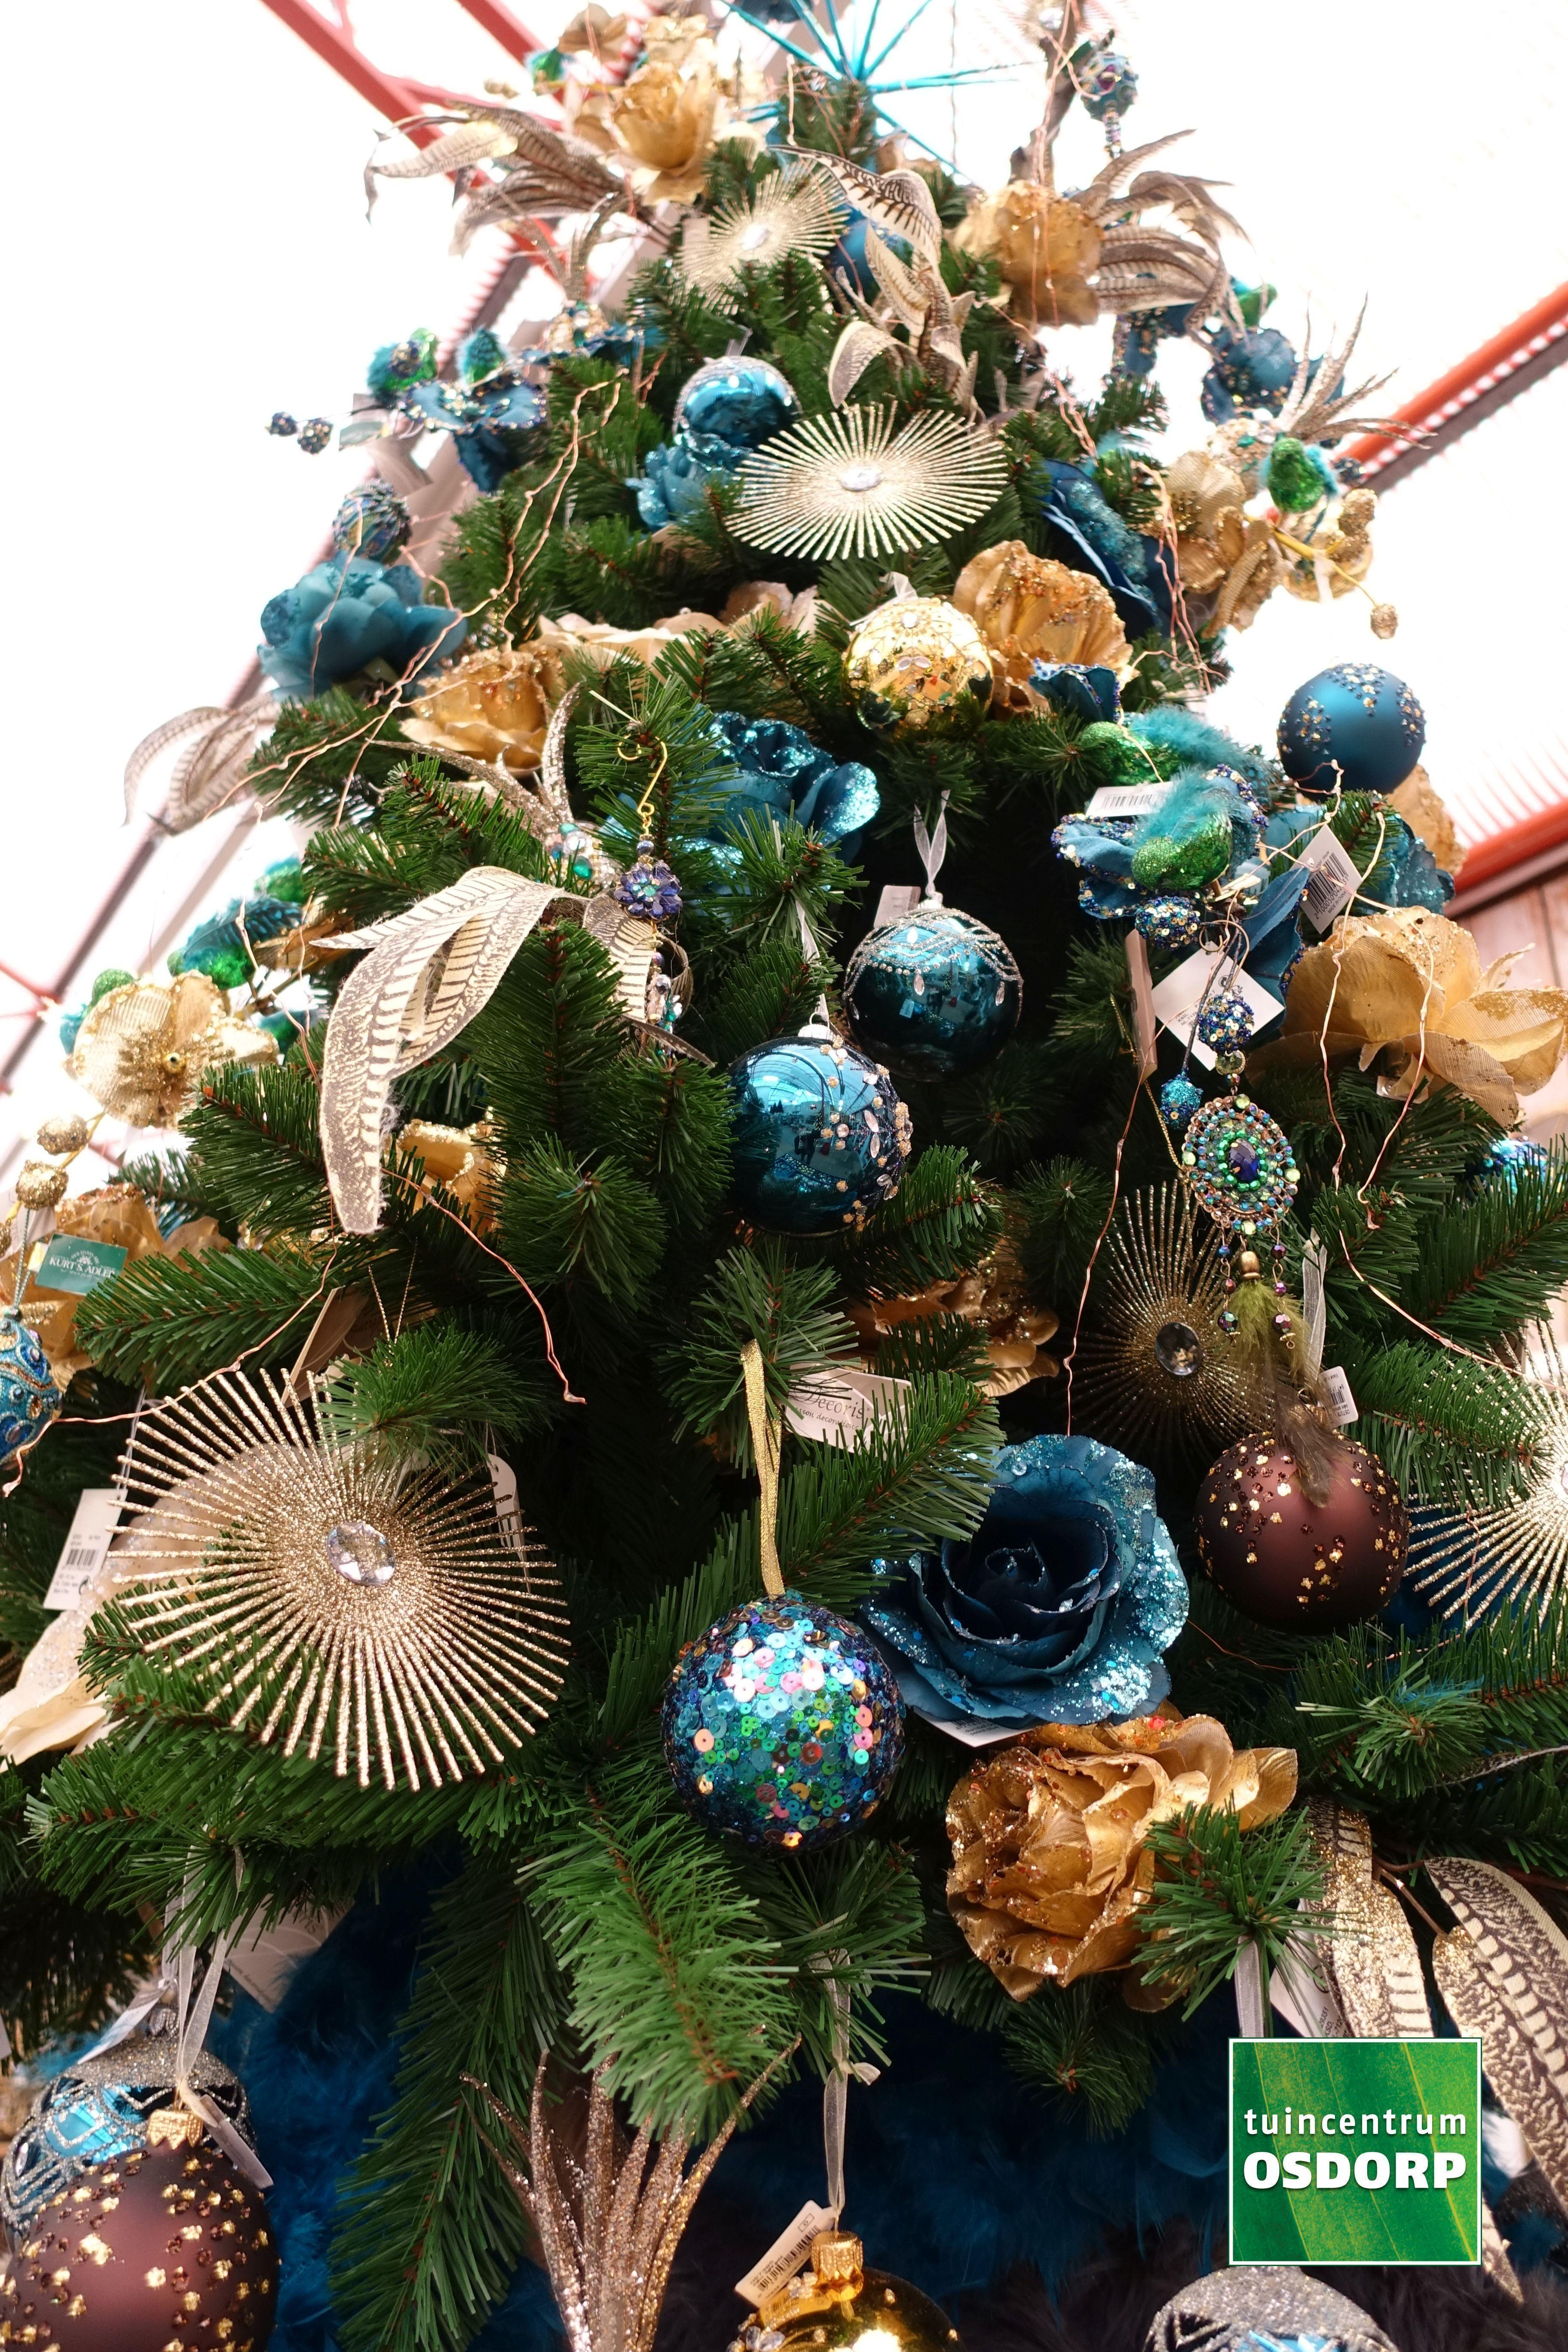 Kerst Inspiratie Bij De Kerstshow Van Tuincentrum Osdorp Kerstboom Versiering In De Kleuren Goud Sue In 2020 Holiday Deco Christmas Decorations Alternative Christmas